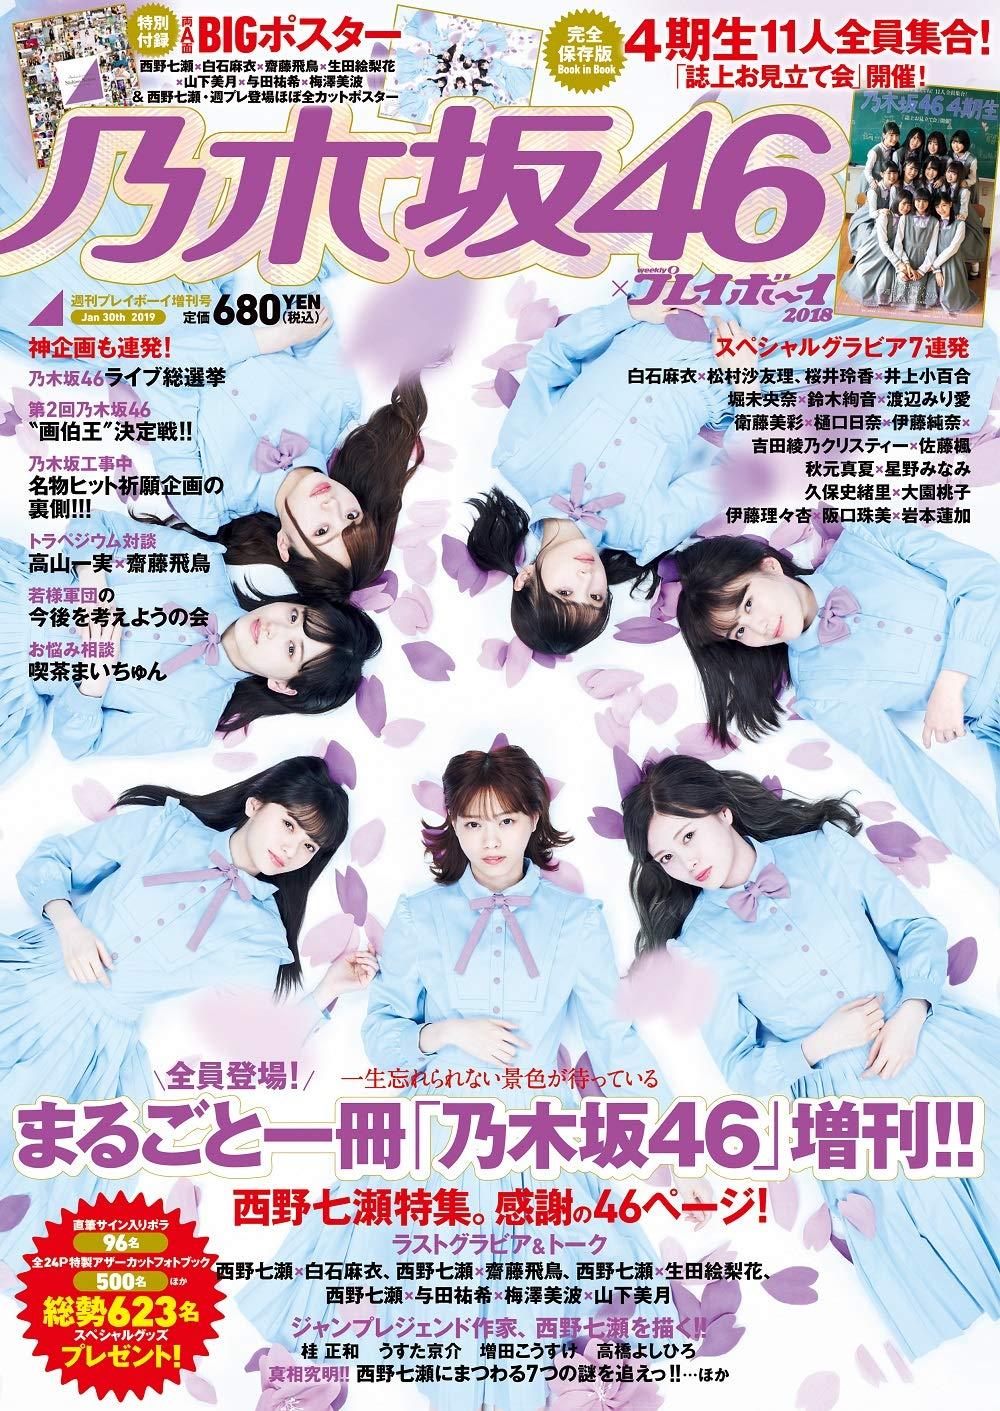 乃木坂46×週刊プレイボーイ2018 表紙